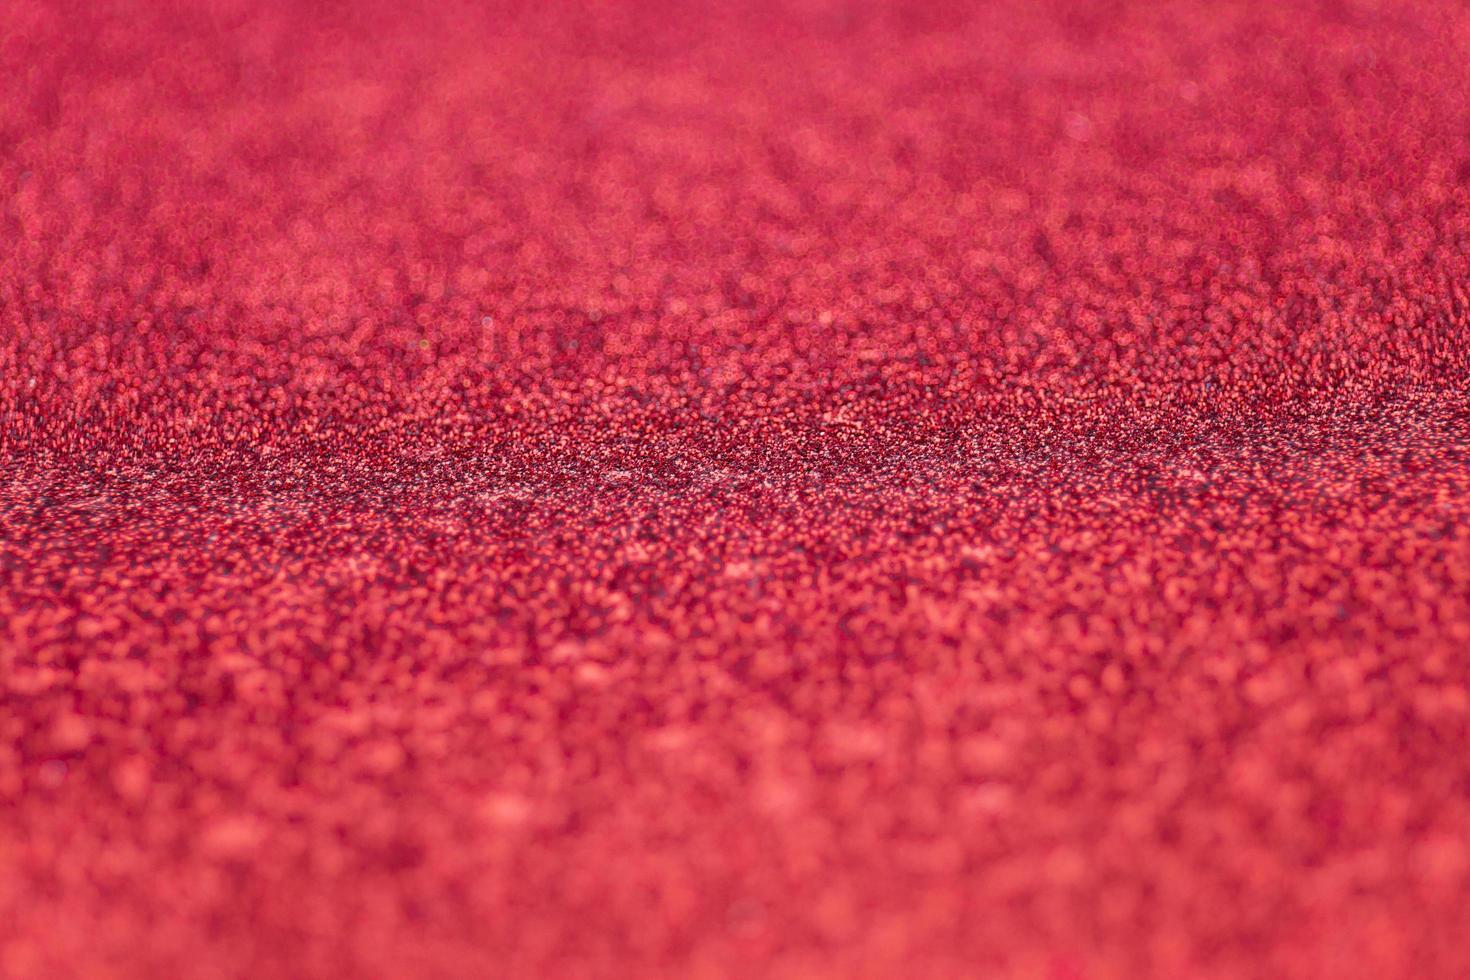 El enfoque selectivo en papel rojo brillante con textura con una fina profundidad de campo. foto